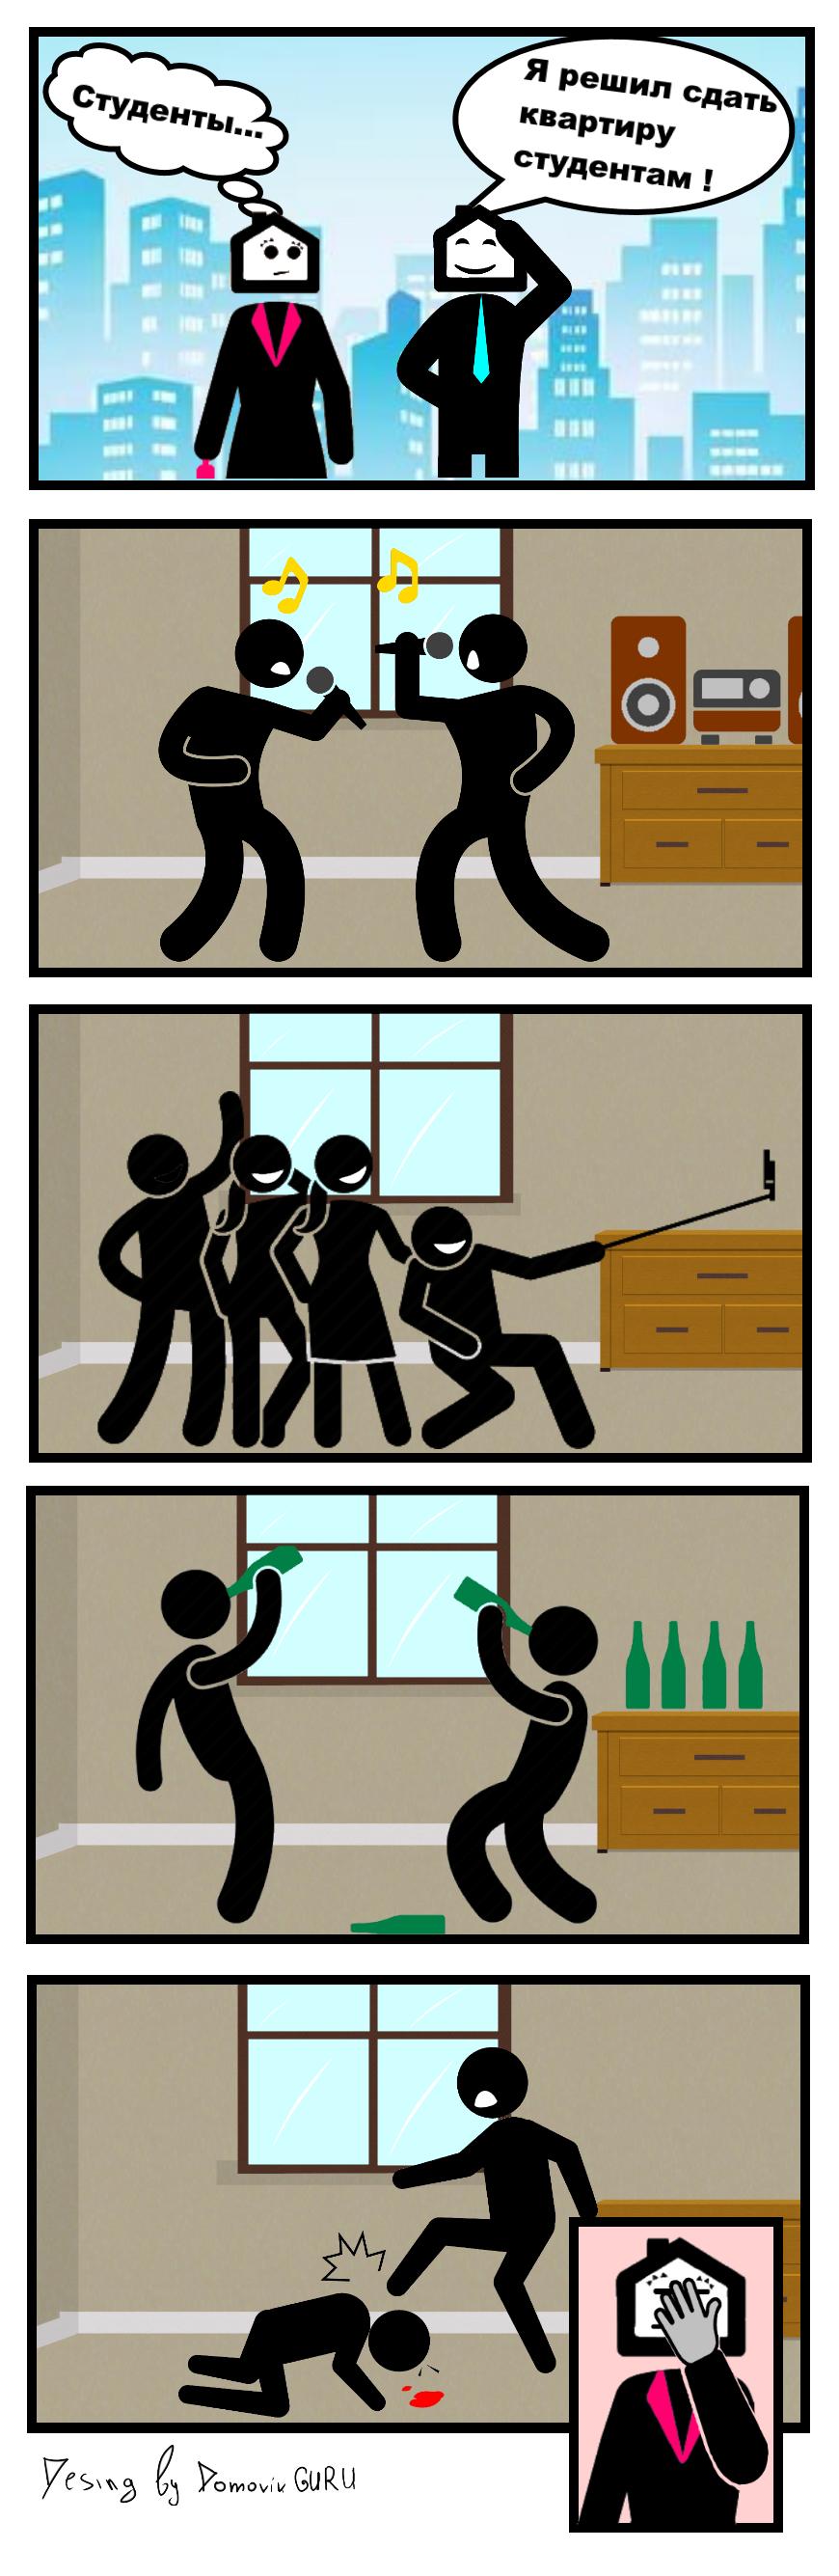 Квартира для студентов - комиксы домовик.гуру